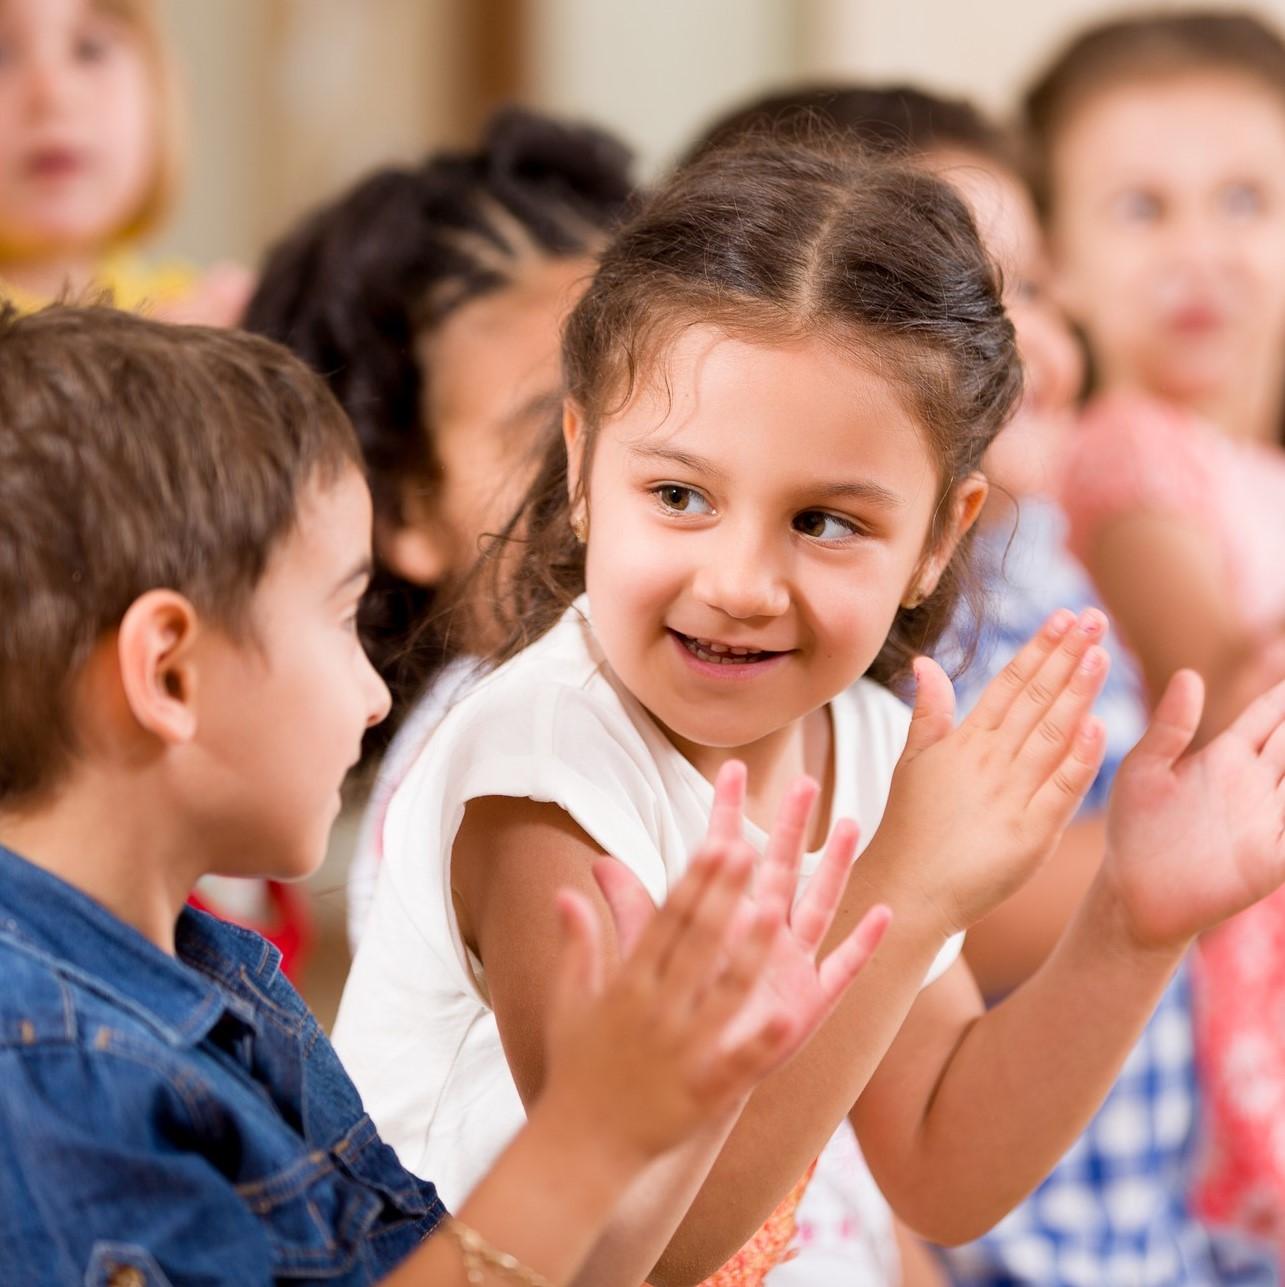 Preschool children playing in classroom.